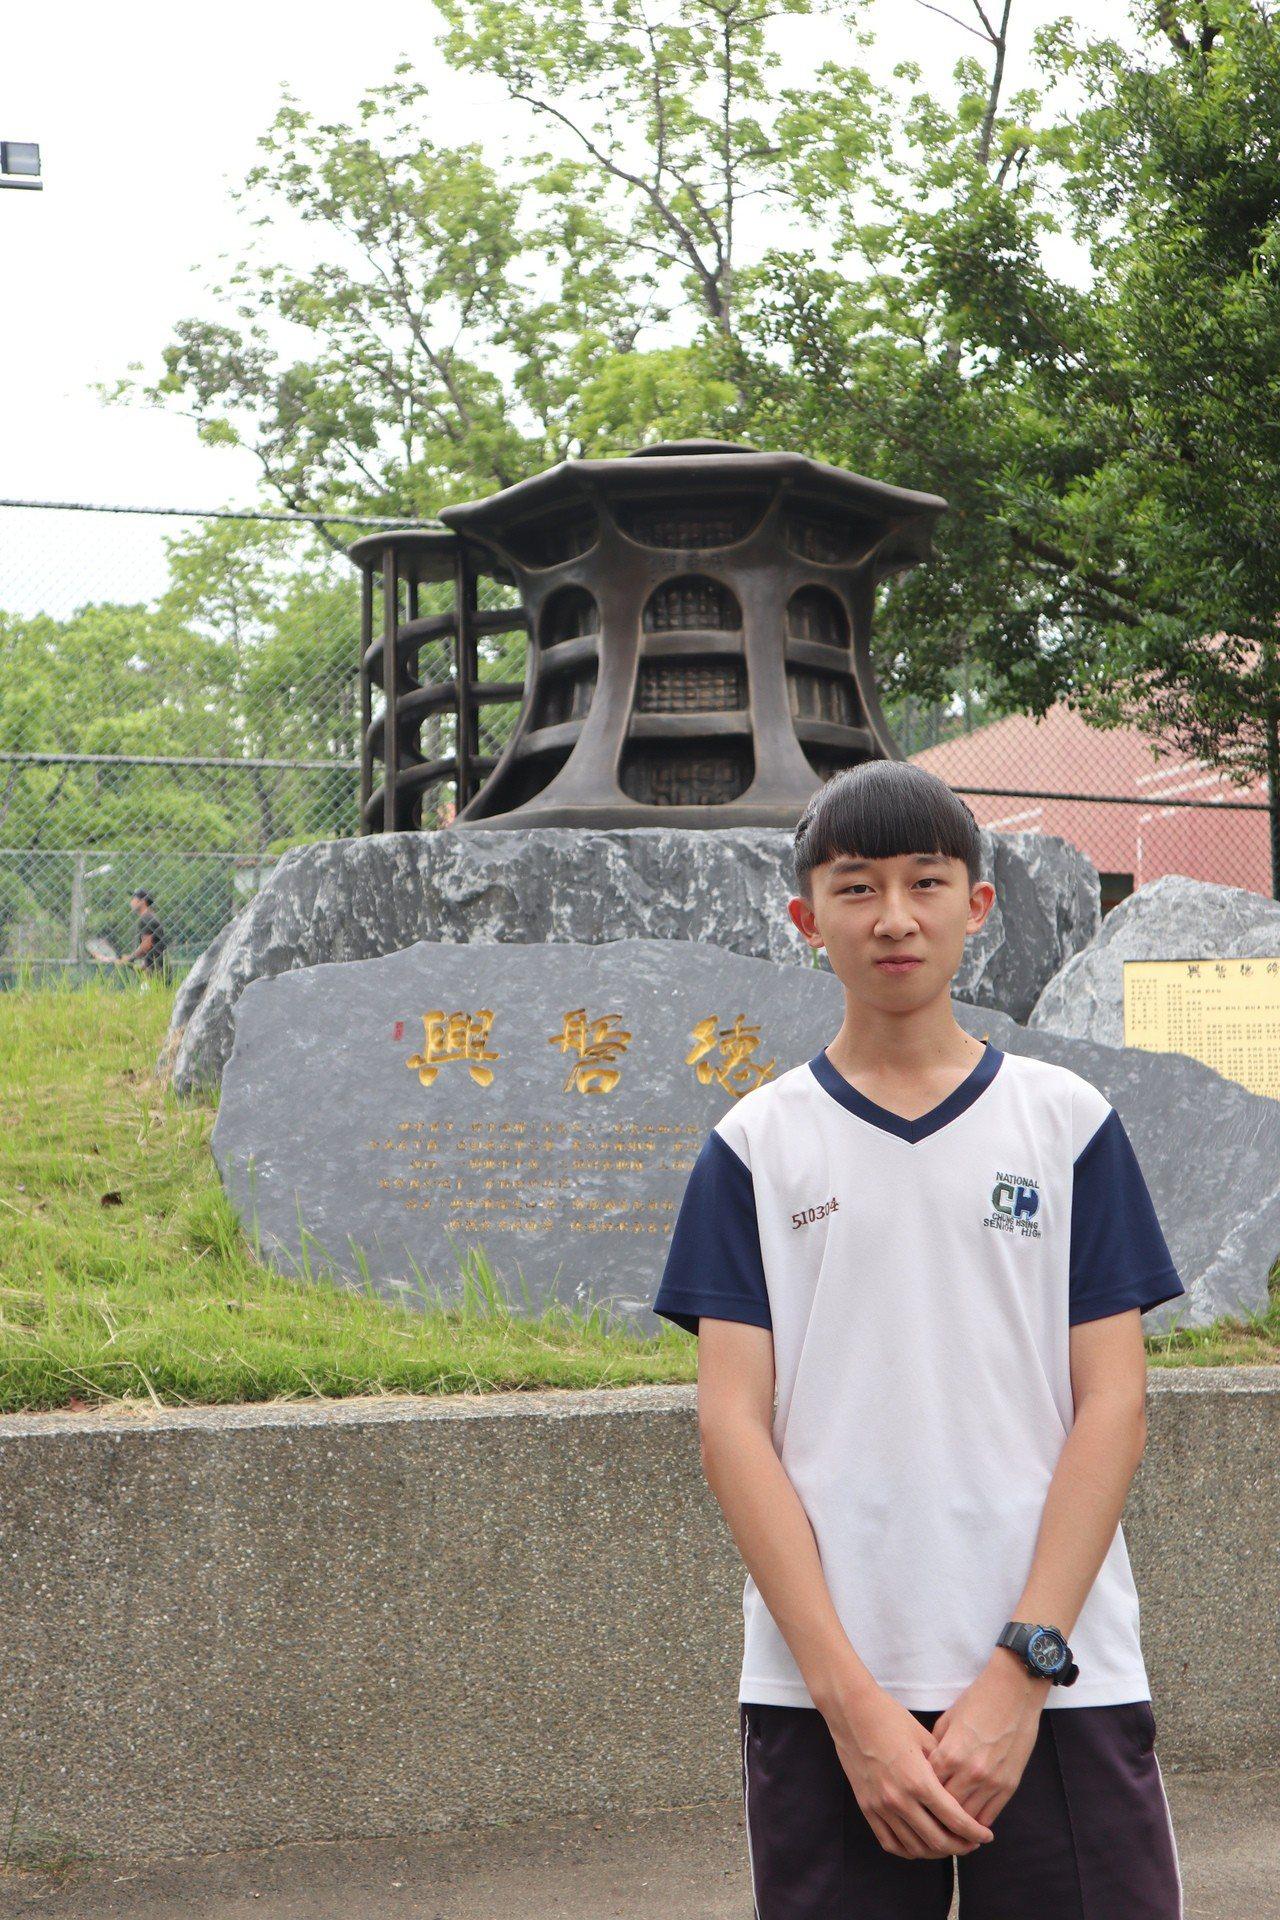 中興高中學生李文峻由祖父母撫養長大,他錄取台大會計學系,希望以後能回饋社會,感謝...